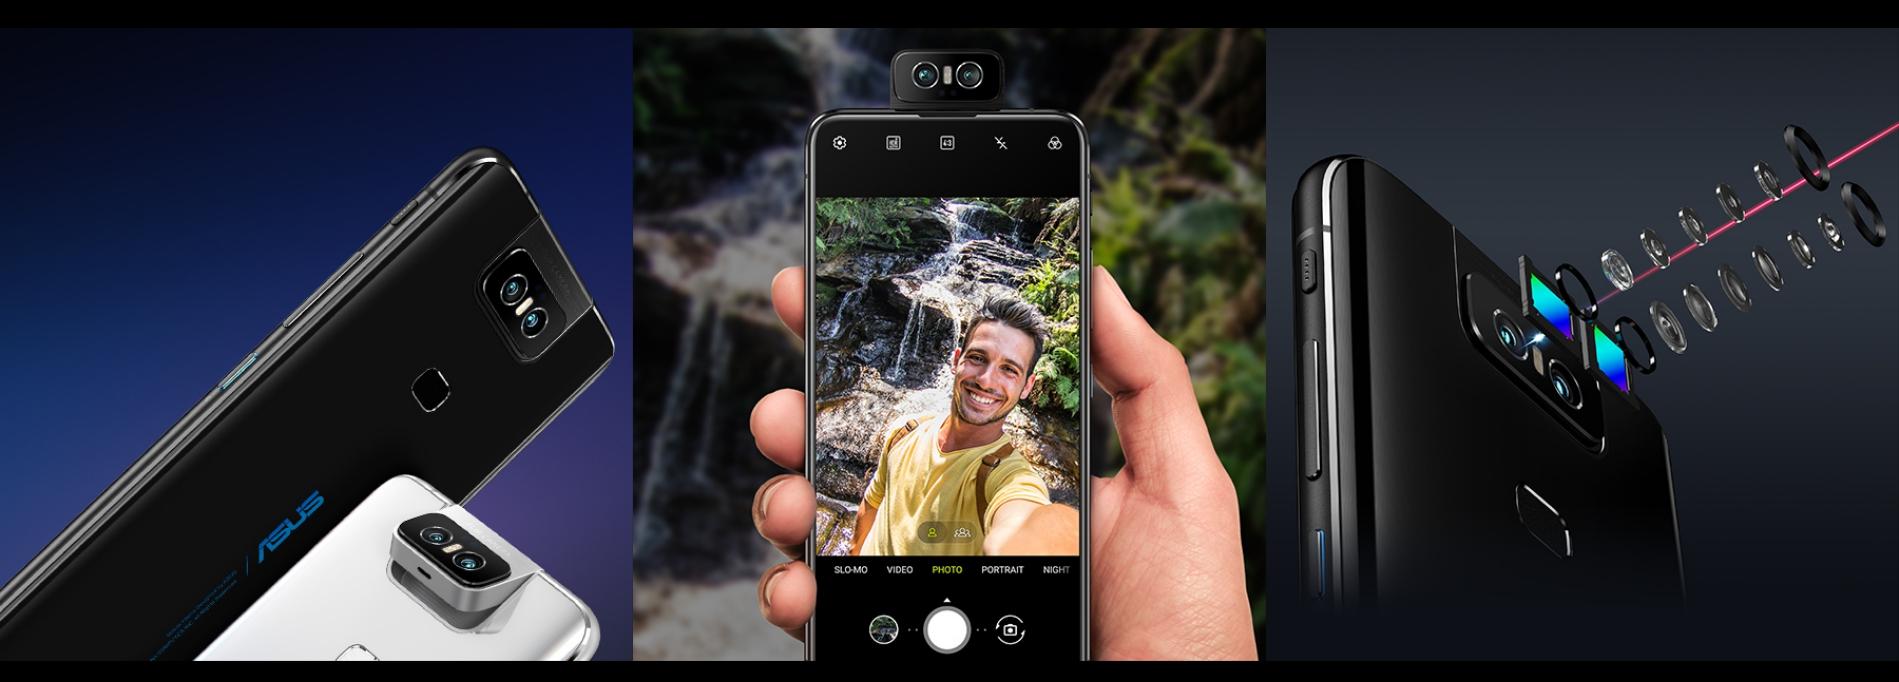 ASUS ZenFone 6 DxO